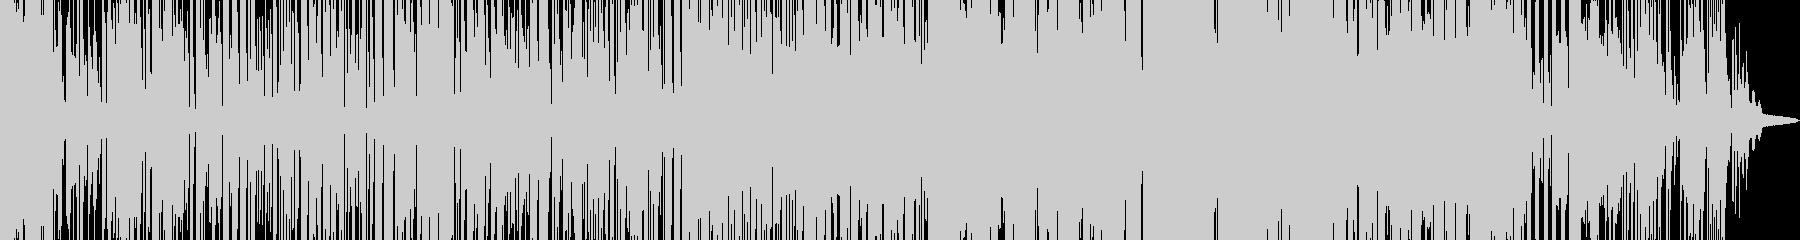 ショートムービーに使えるイメージの未再生の波形